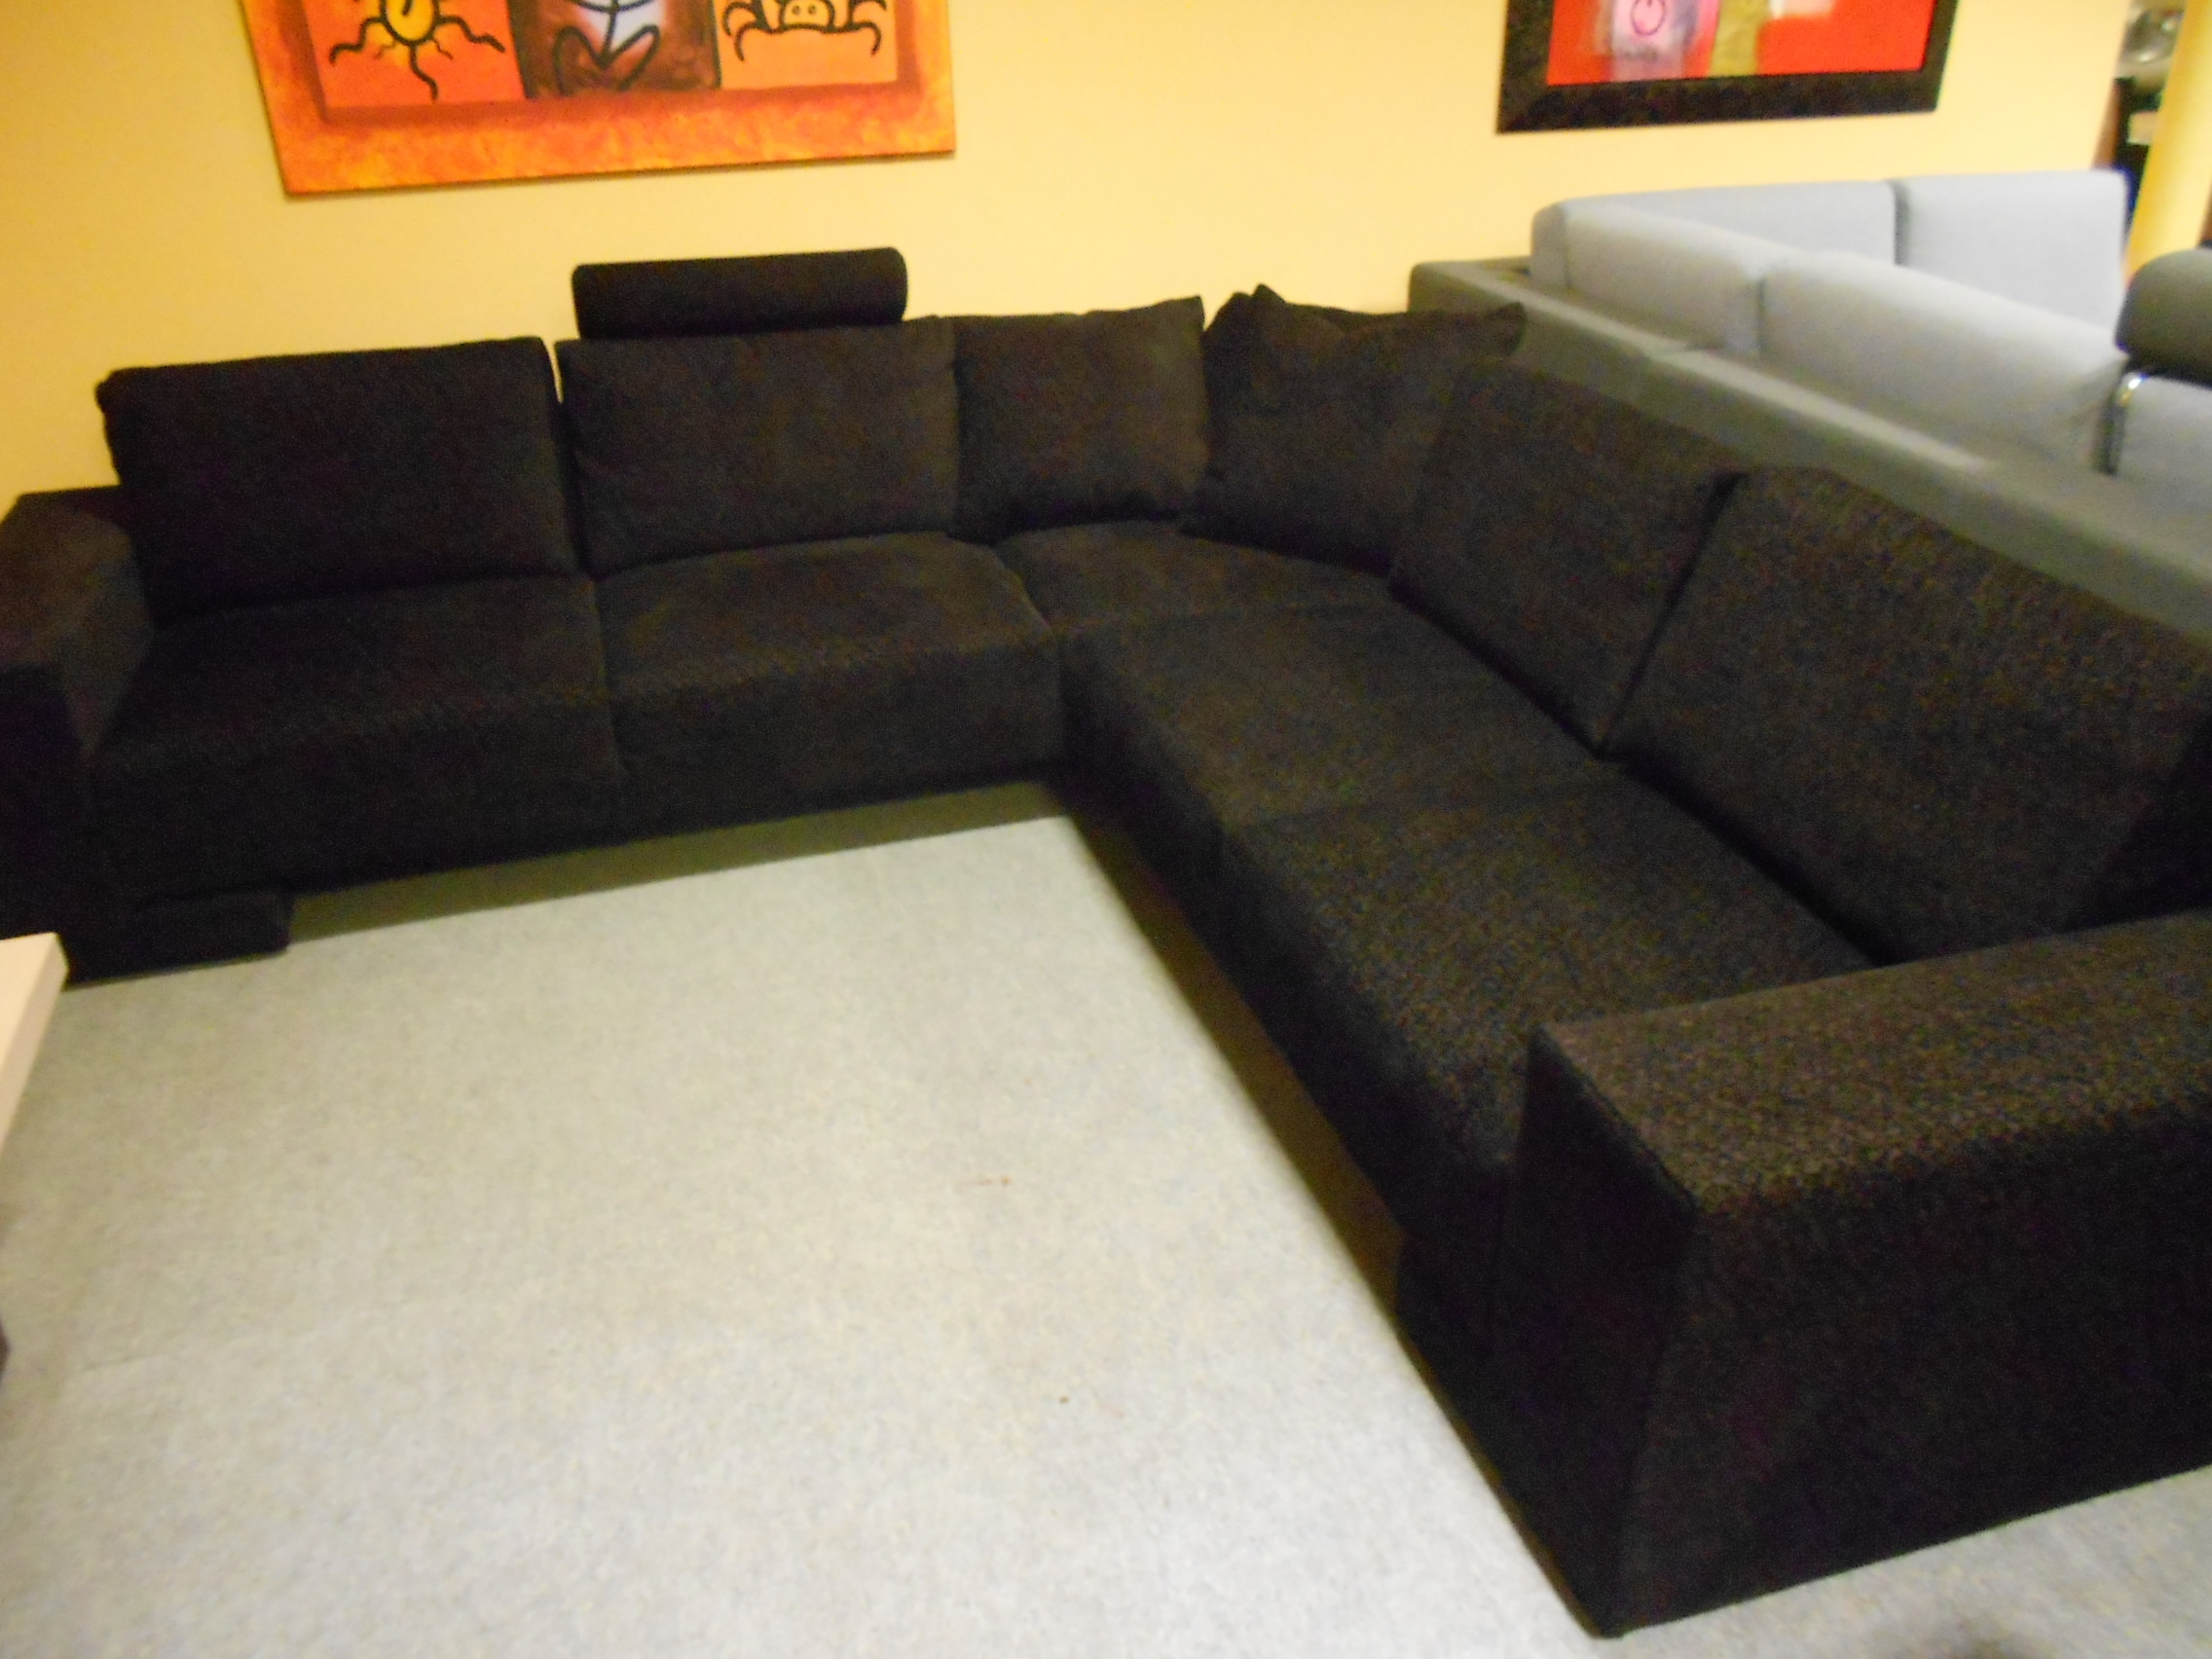 Divano dema divano ad angolo scontato del 59 divani a - Dema cucine prezzi ...